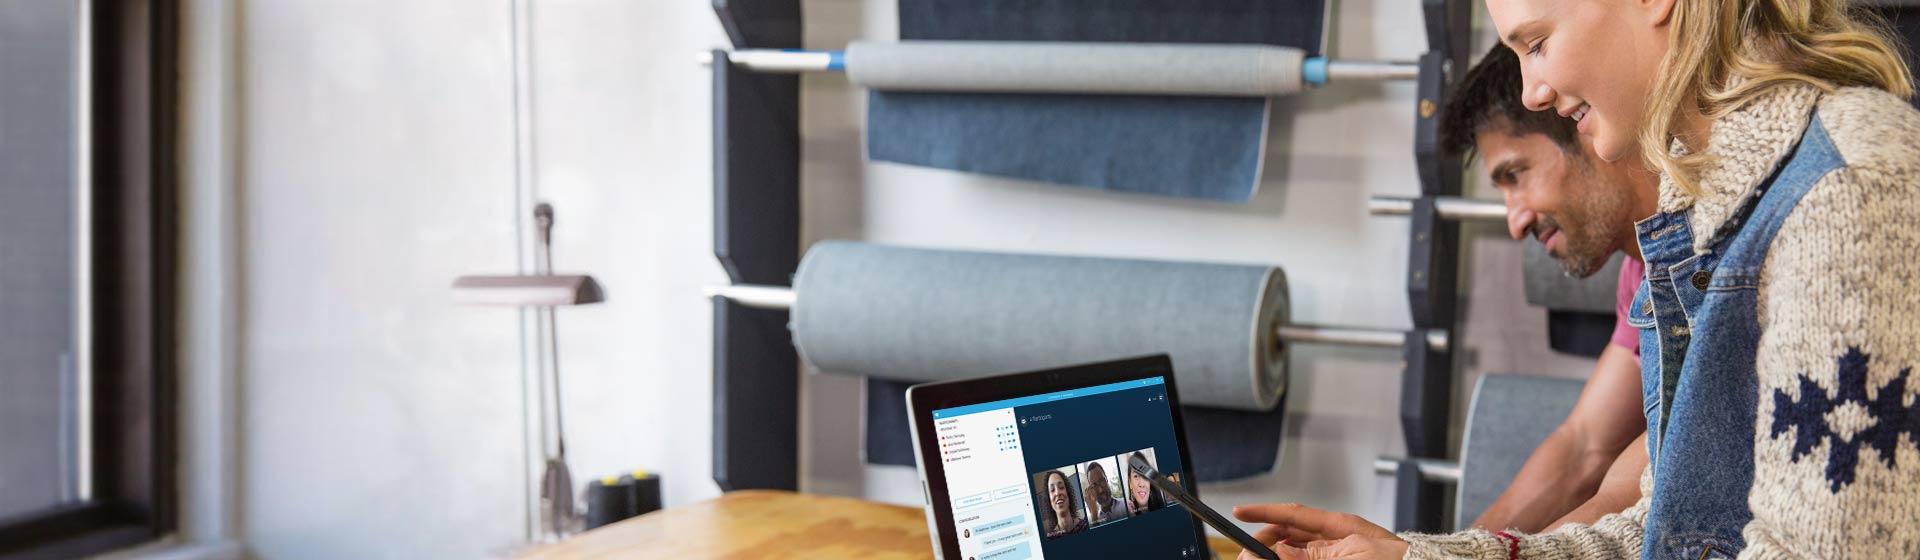 En kvinde og en mand, der bruger Skype-møder på en tablet, og kvinden holder en telefon